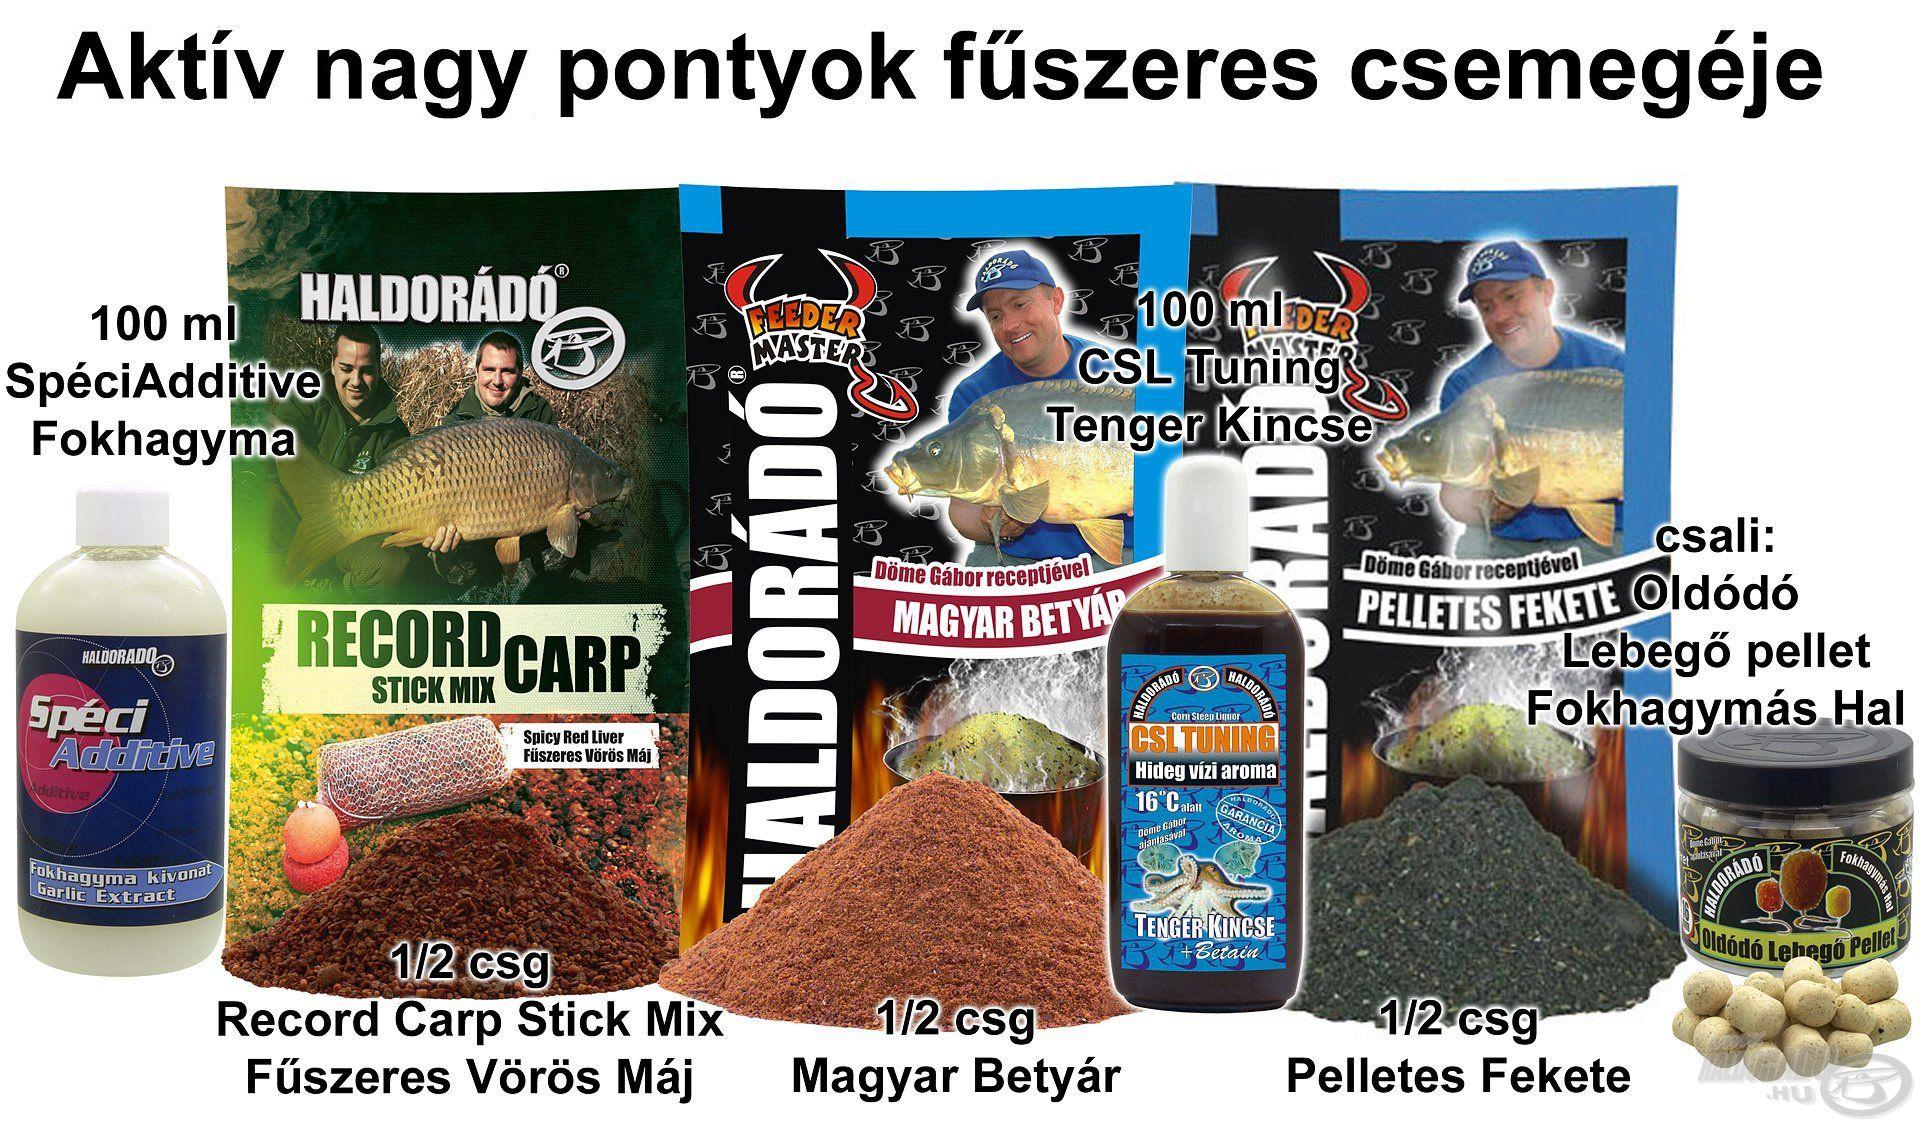 Aktív nagy pontyok fűszeres csemegéje